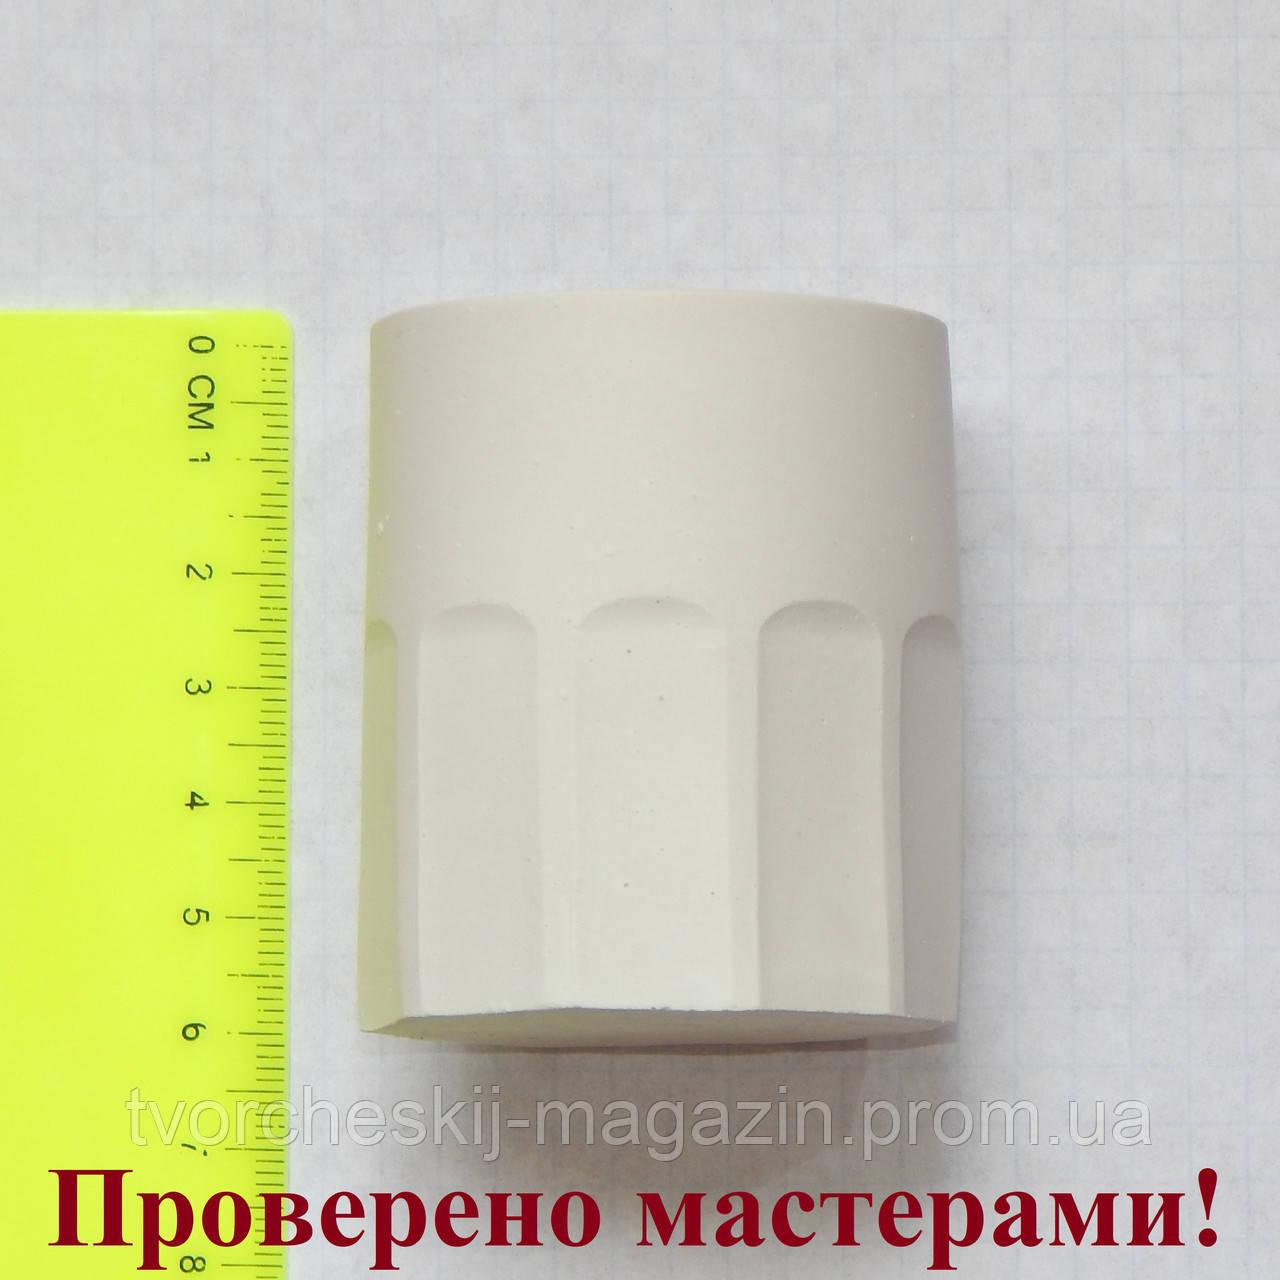 Фигурка из гипса. Гипсовая фигурка для раскрашивания стакан (подставка для ручек)